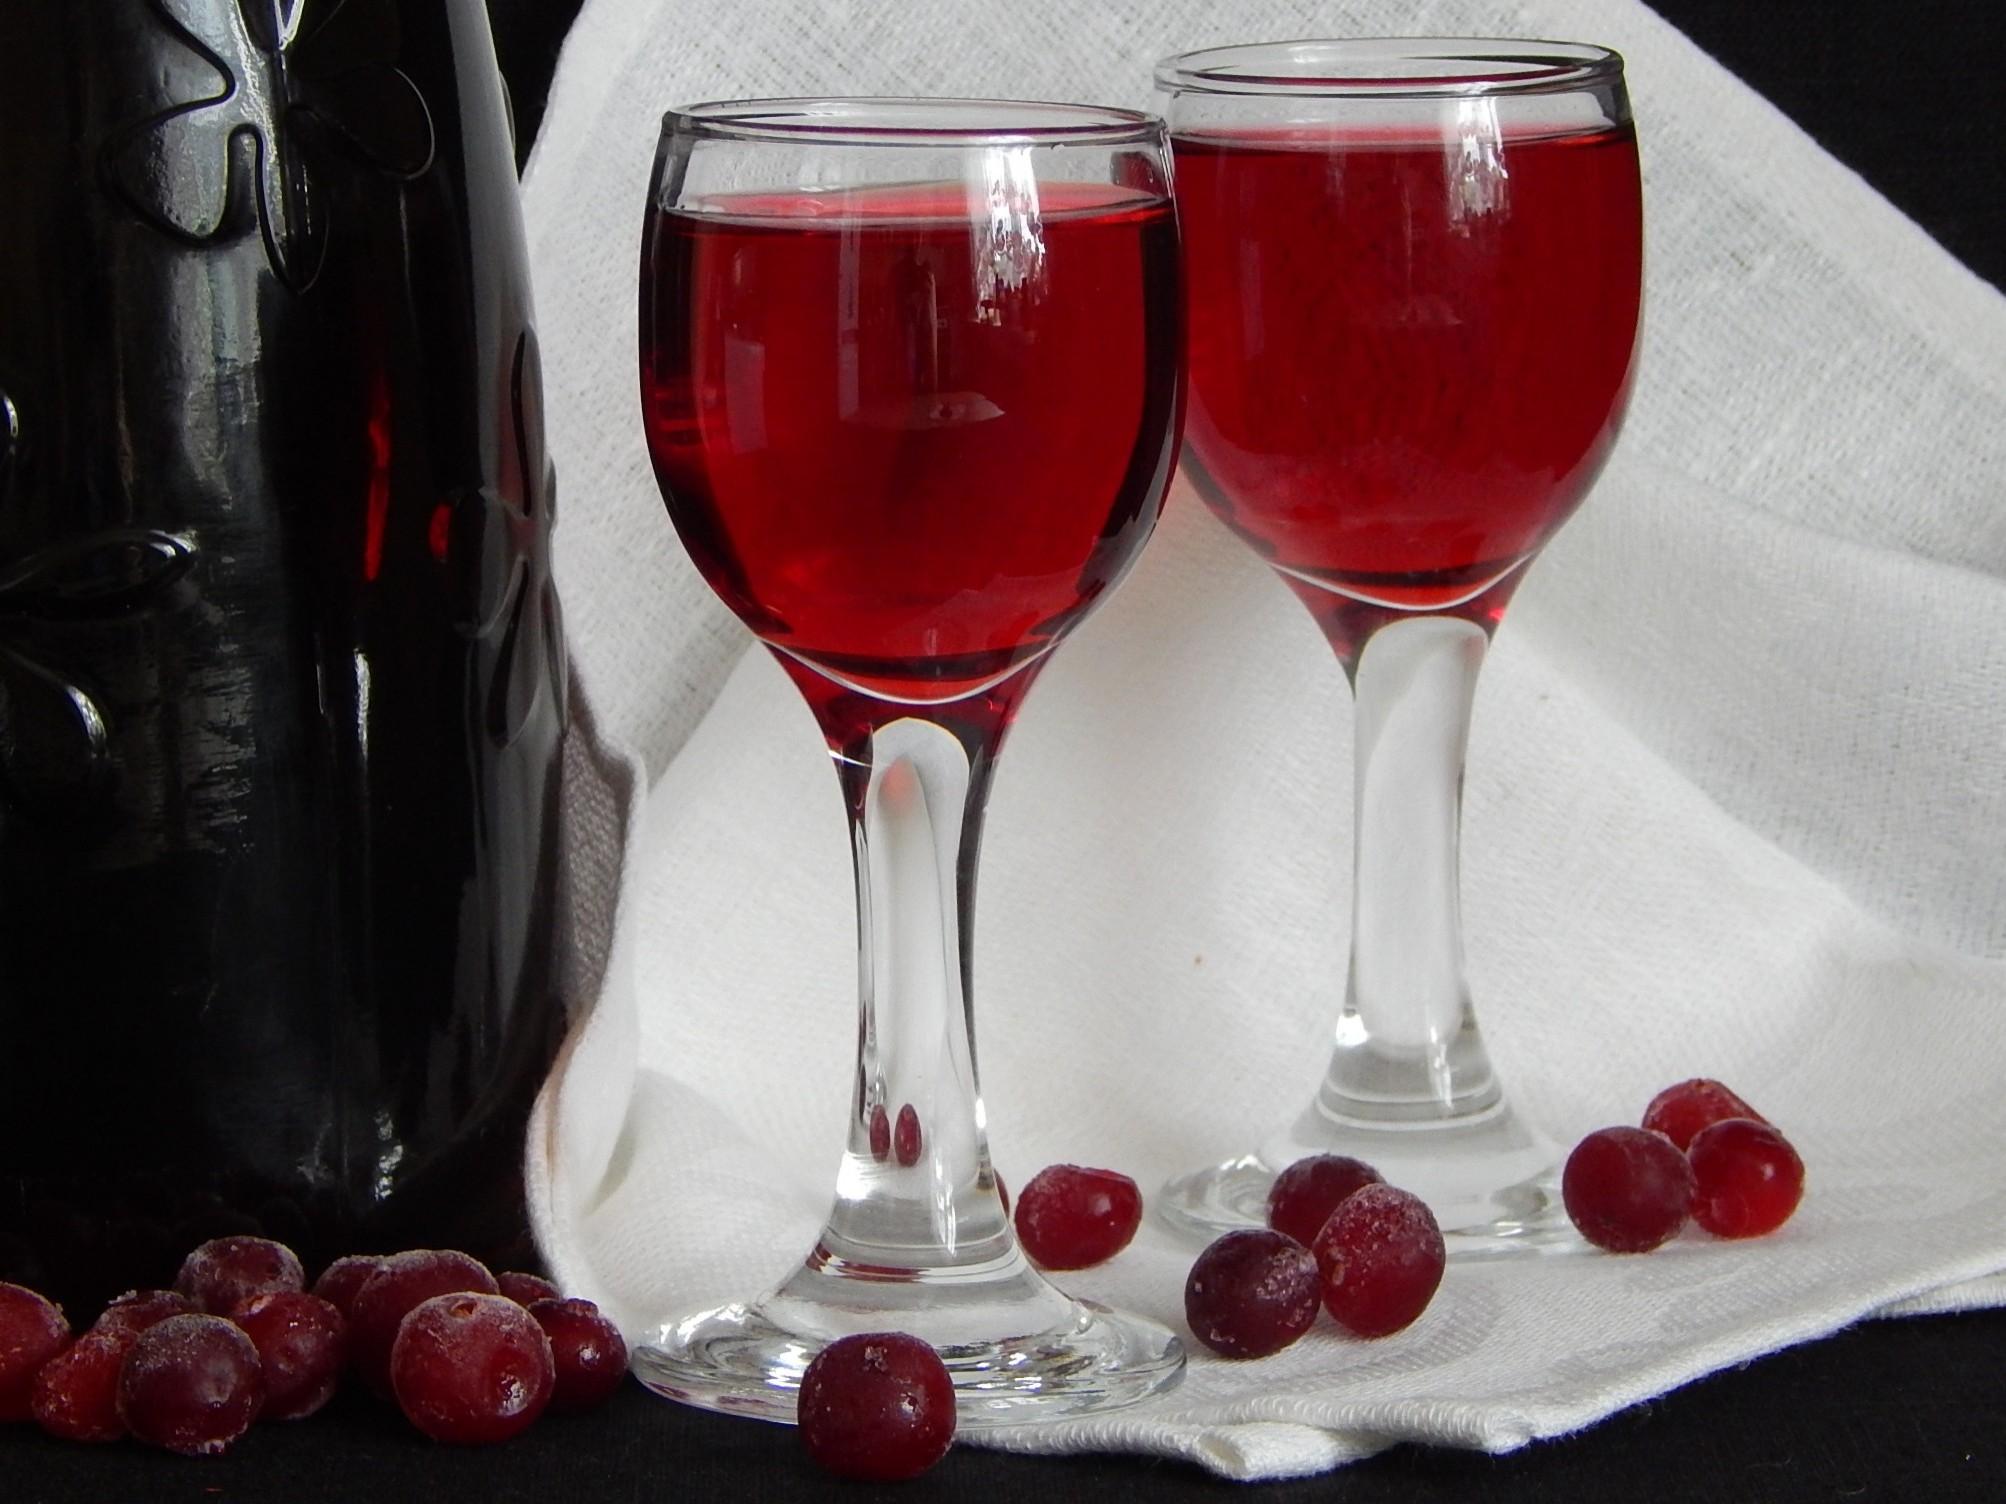 Рецепты приготовления настойки из клюквы на водке в домашних условиях